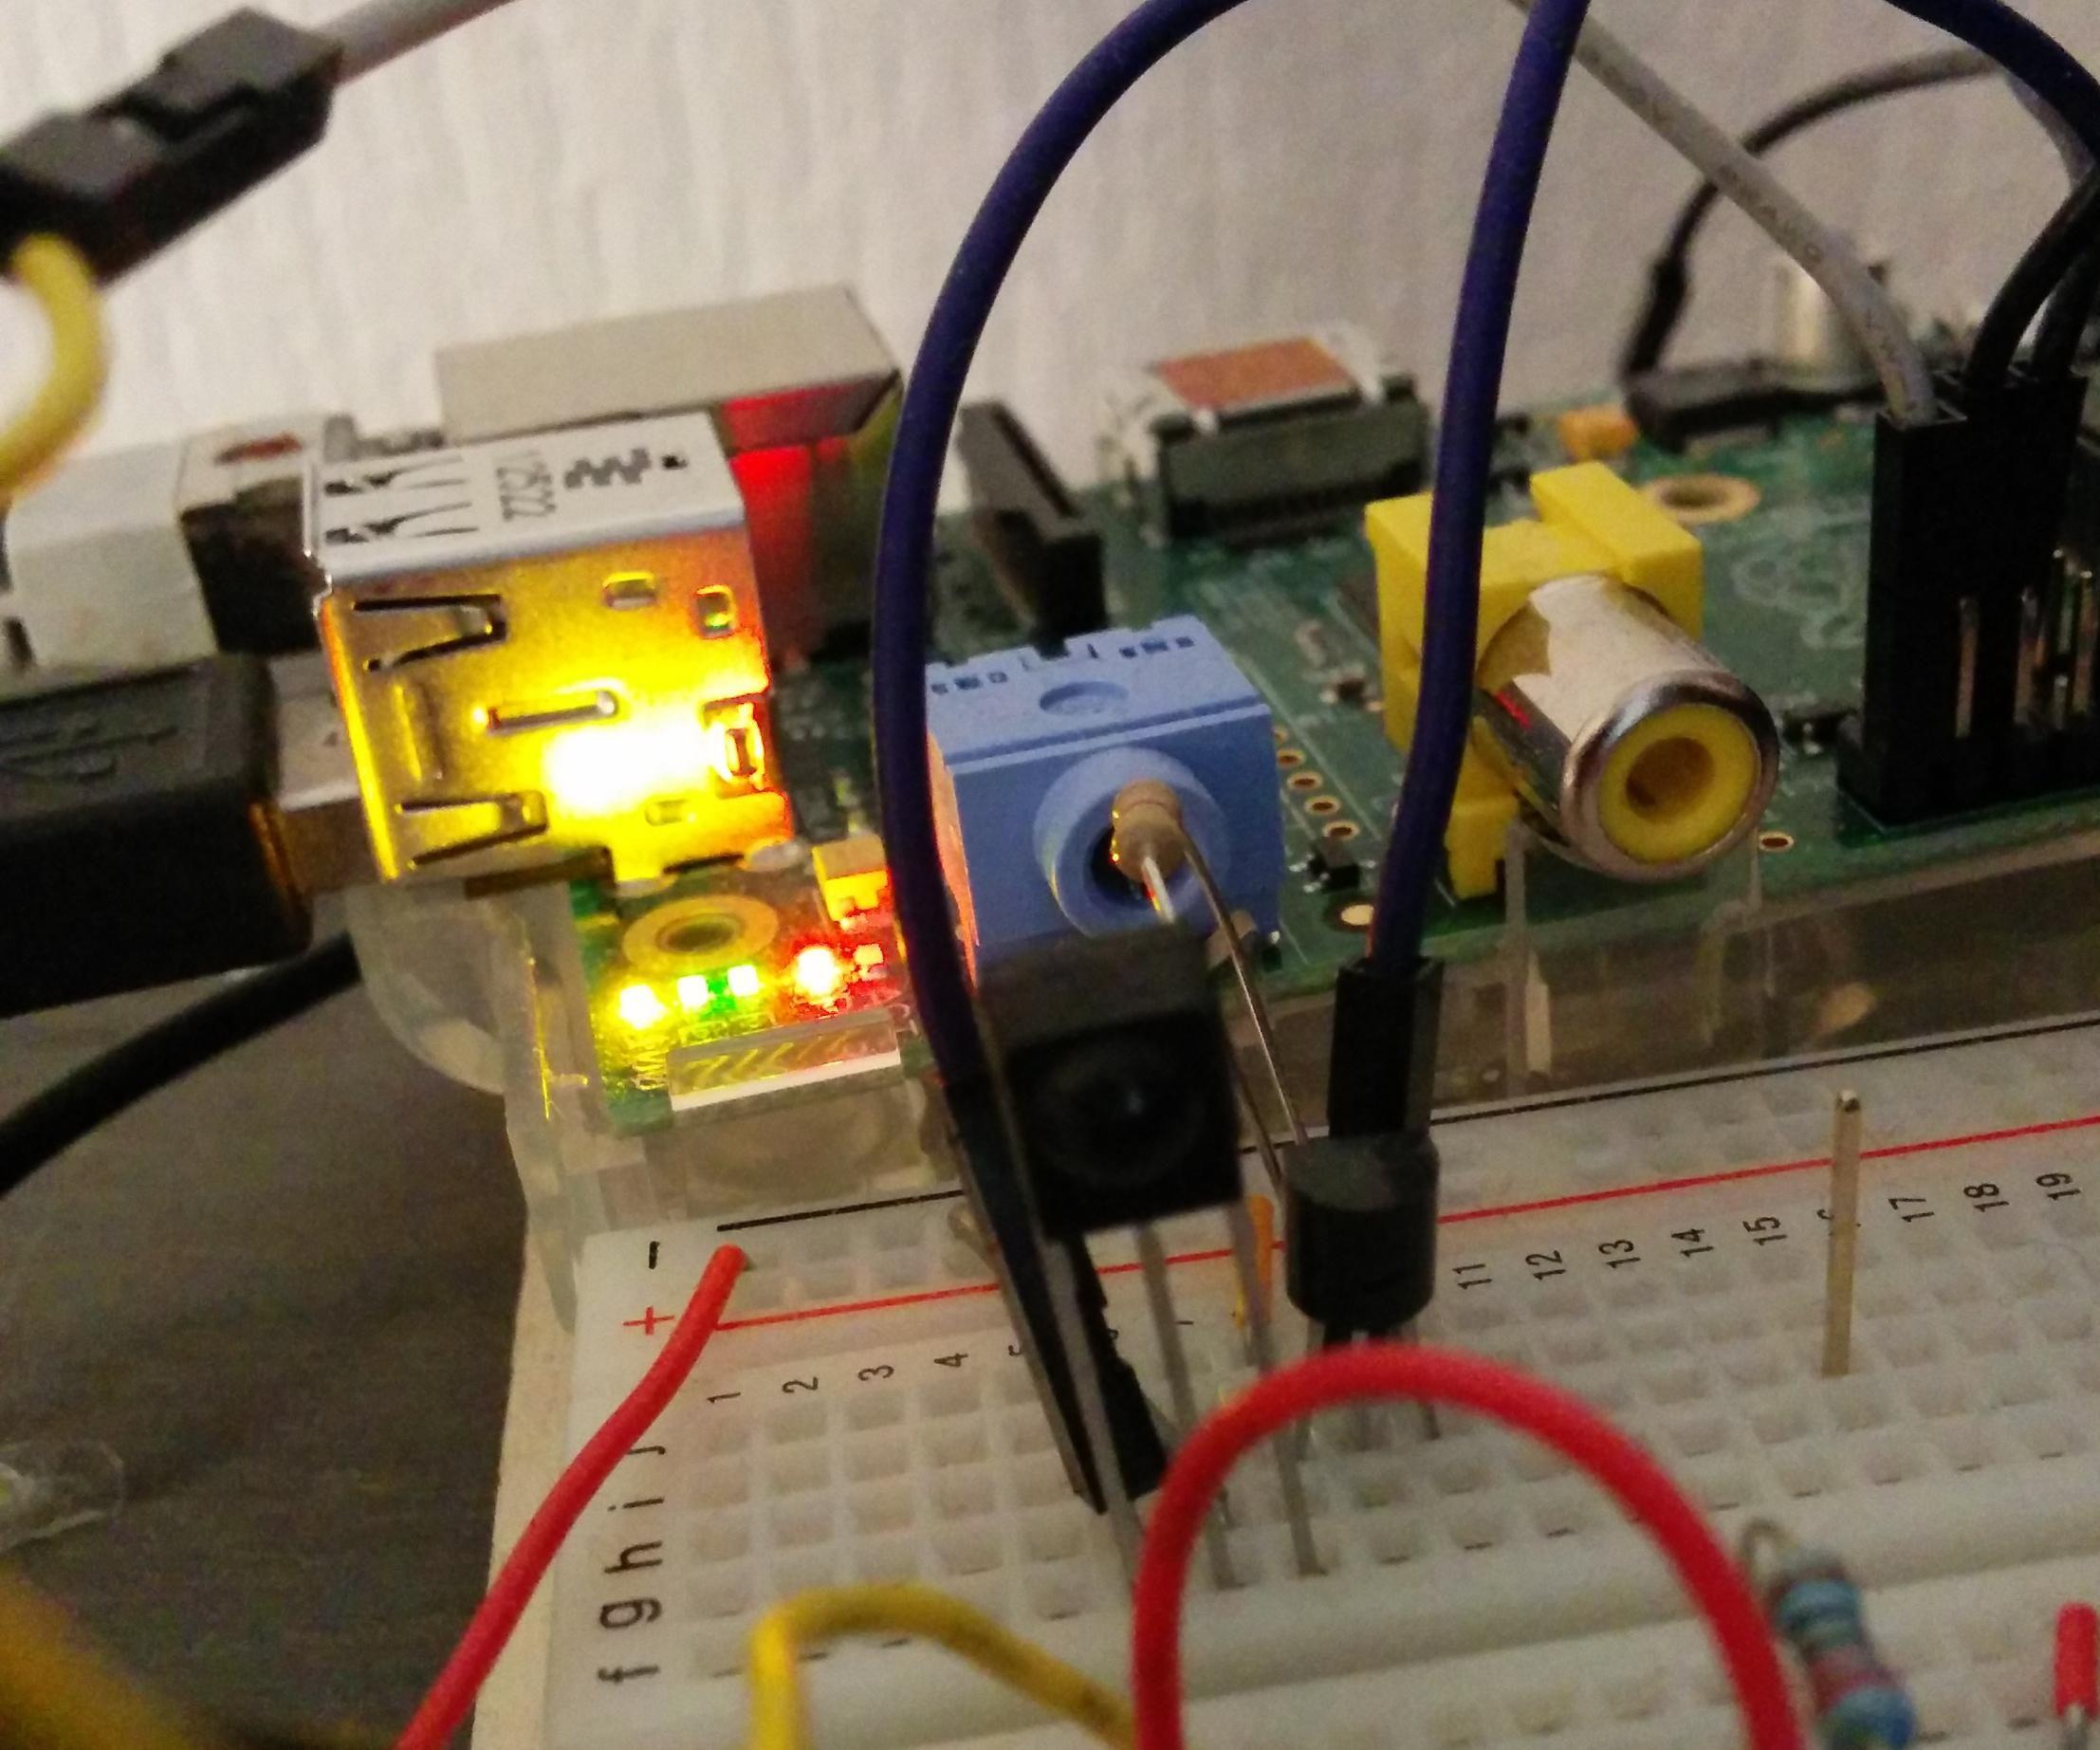 Reverse engineering Air Conditioner IR Remote control protocol